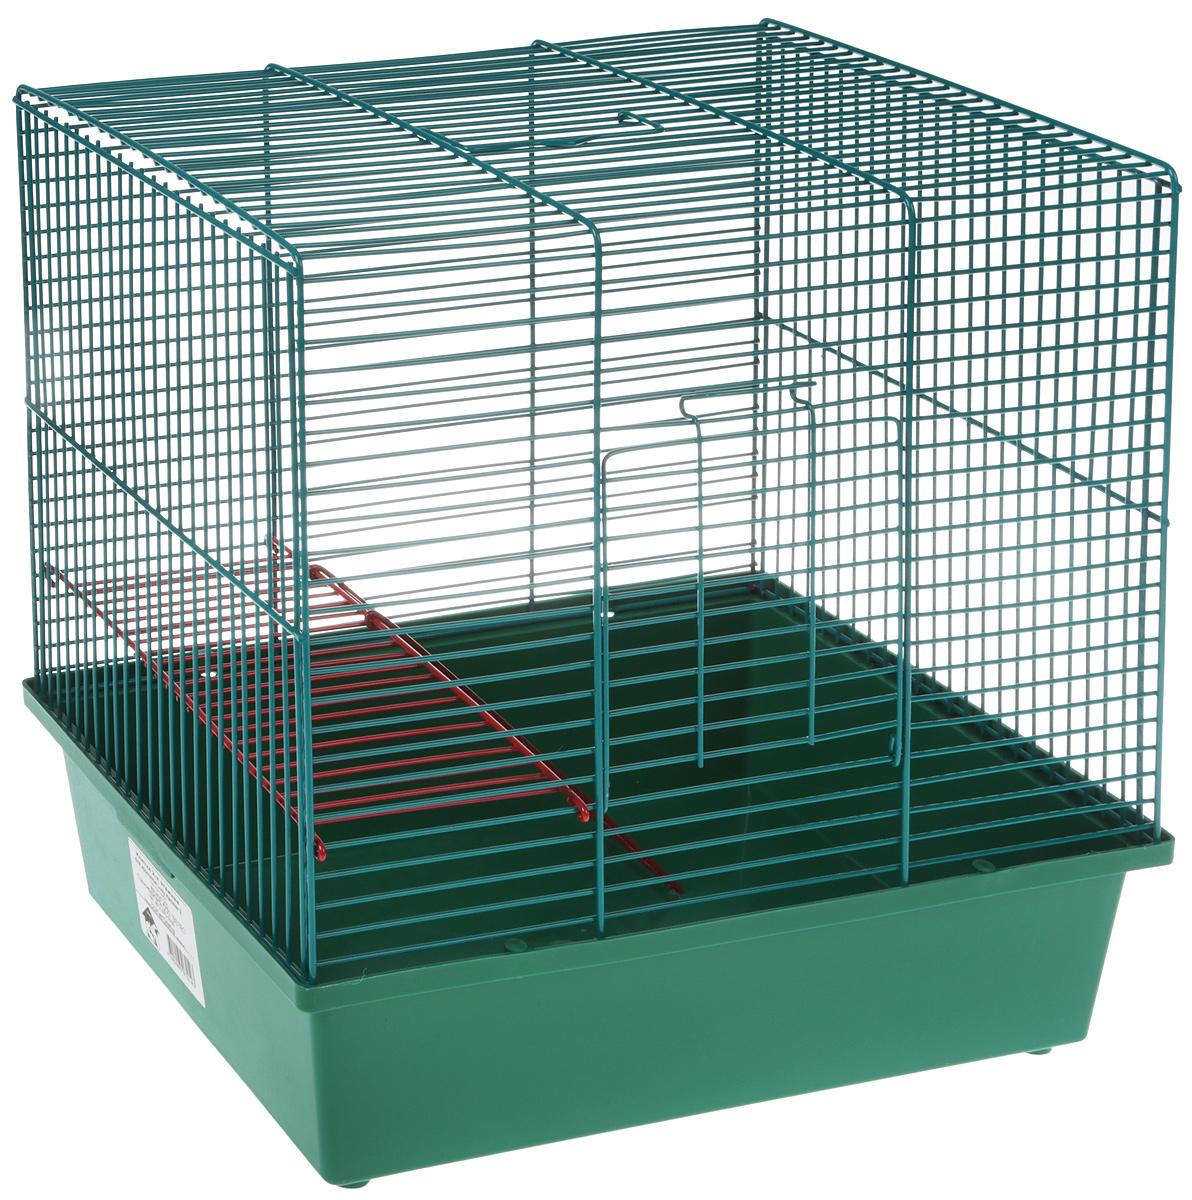 Клетка для грызунов Велес Lusy Hamster-2, 2-этажная, цвет: зеленый, бирюзовый, 35 х 26 х 26 см набор сундучков roura decoracion 26 х 20 х 15 см 2 шт 34791